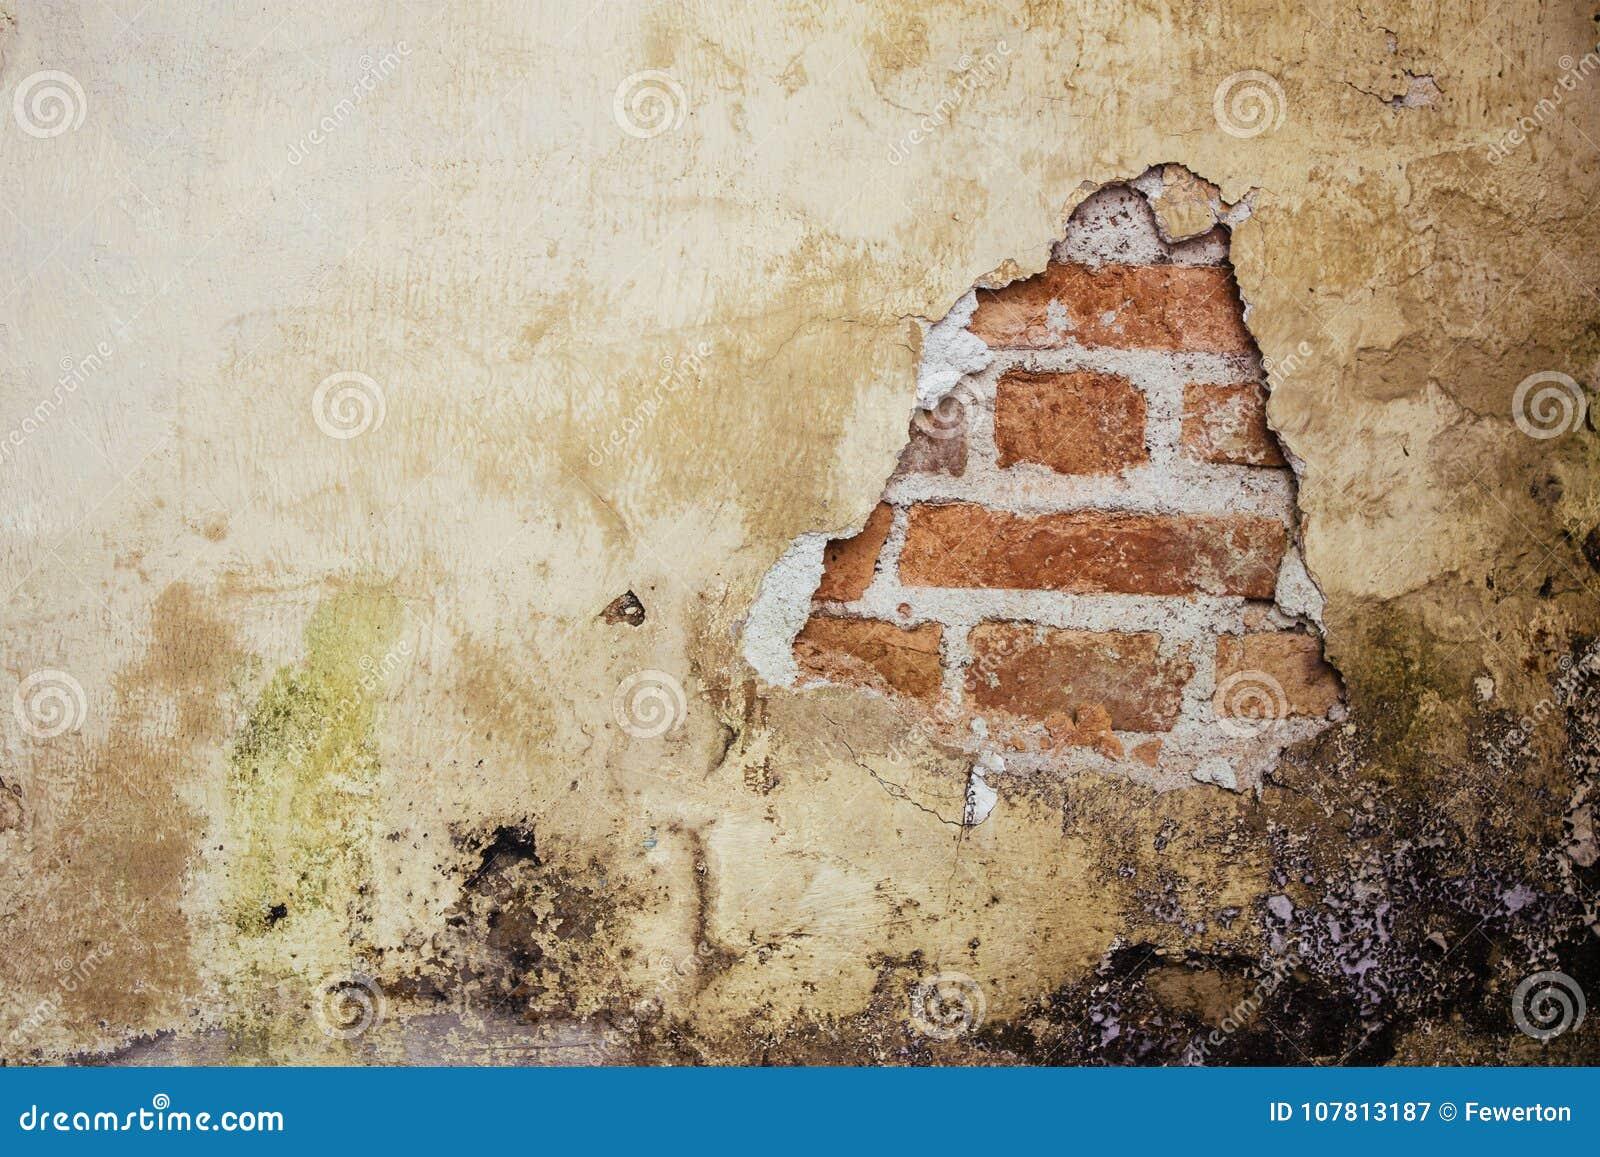 Vecchia facciata intonacata sporca e grungy della parete di una casa abbandonata con un foro che mostra i mattoni rossi di fondo